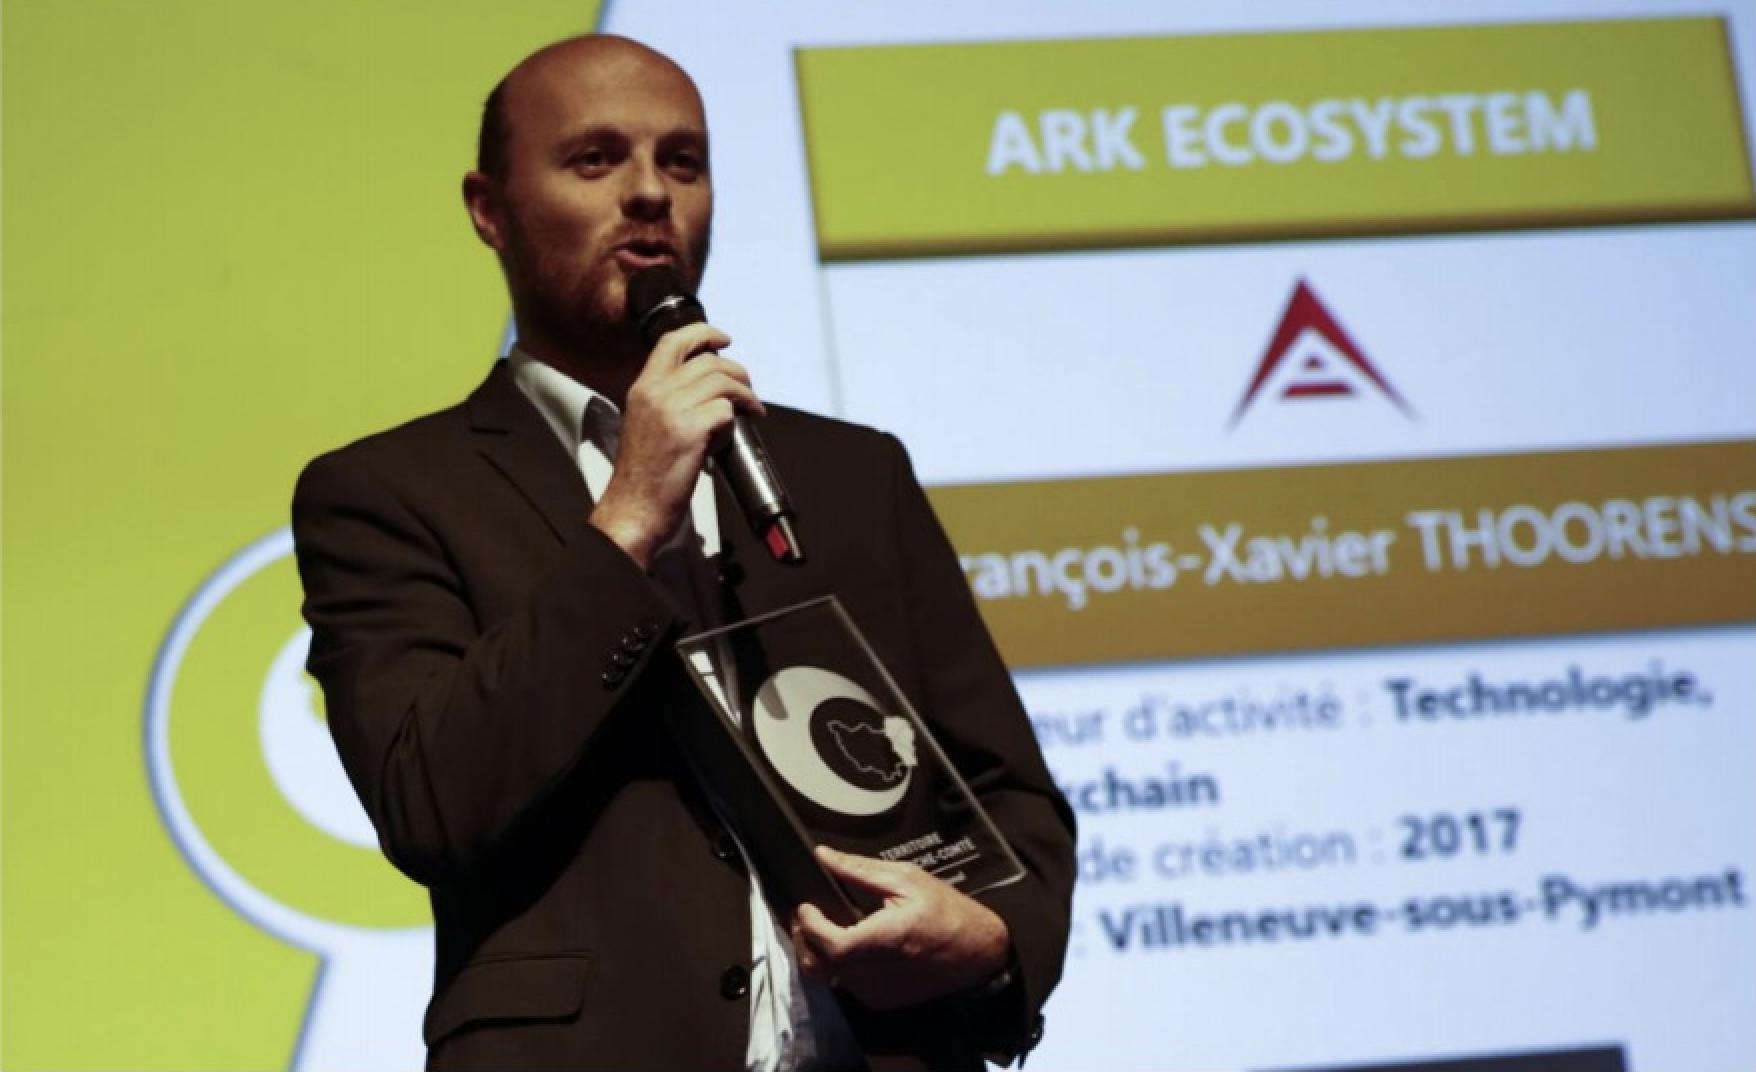 """François-Xavier THOORENS, CTO de ARK ECOSYSTEM, lors de la remise du trophée de la """"Meilleure entreprise internationale de Franche-Comté"""" 2018."""